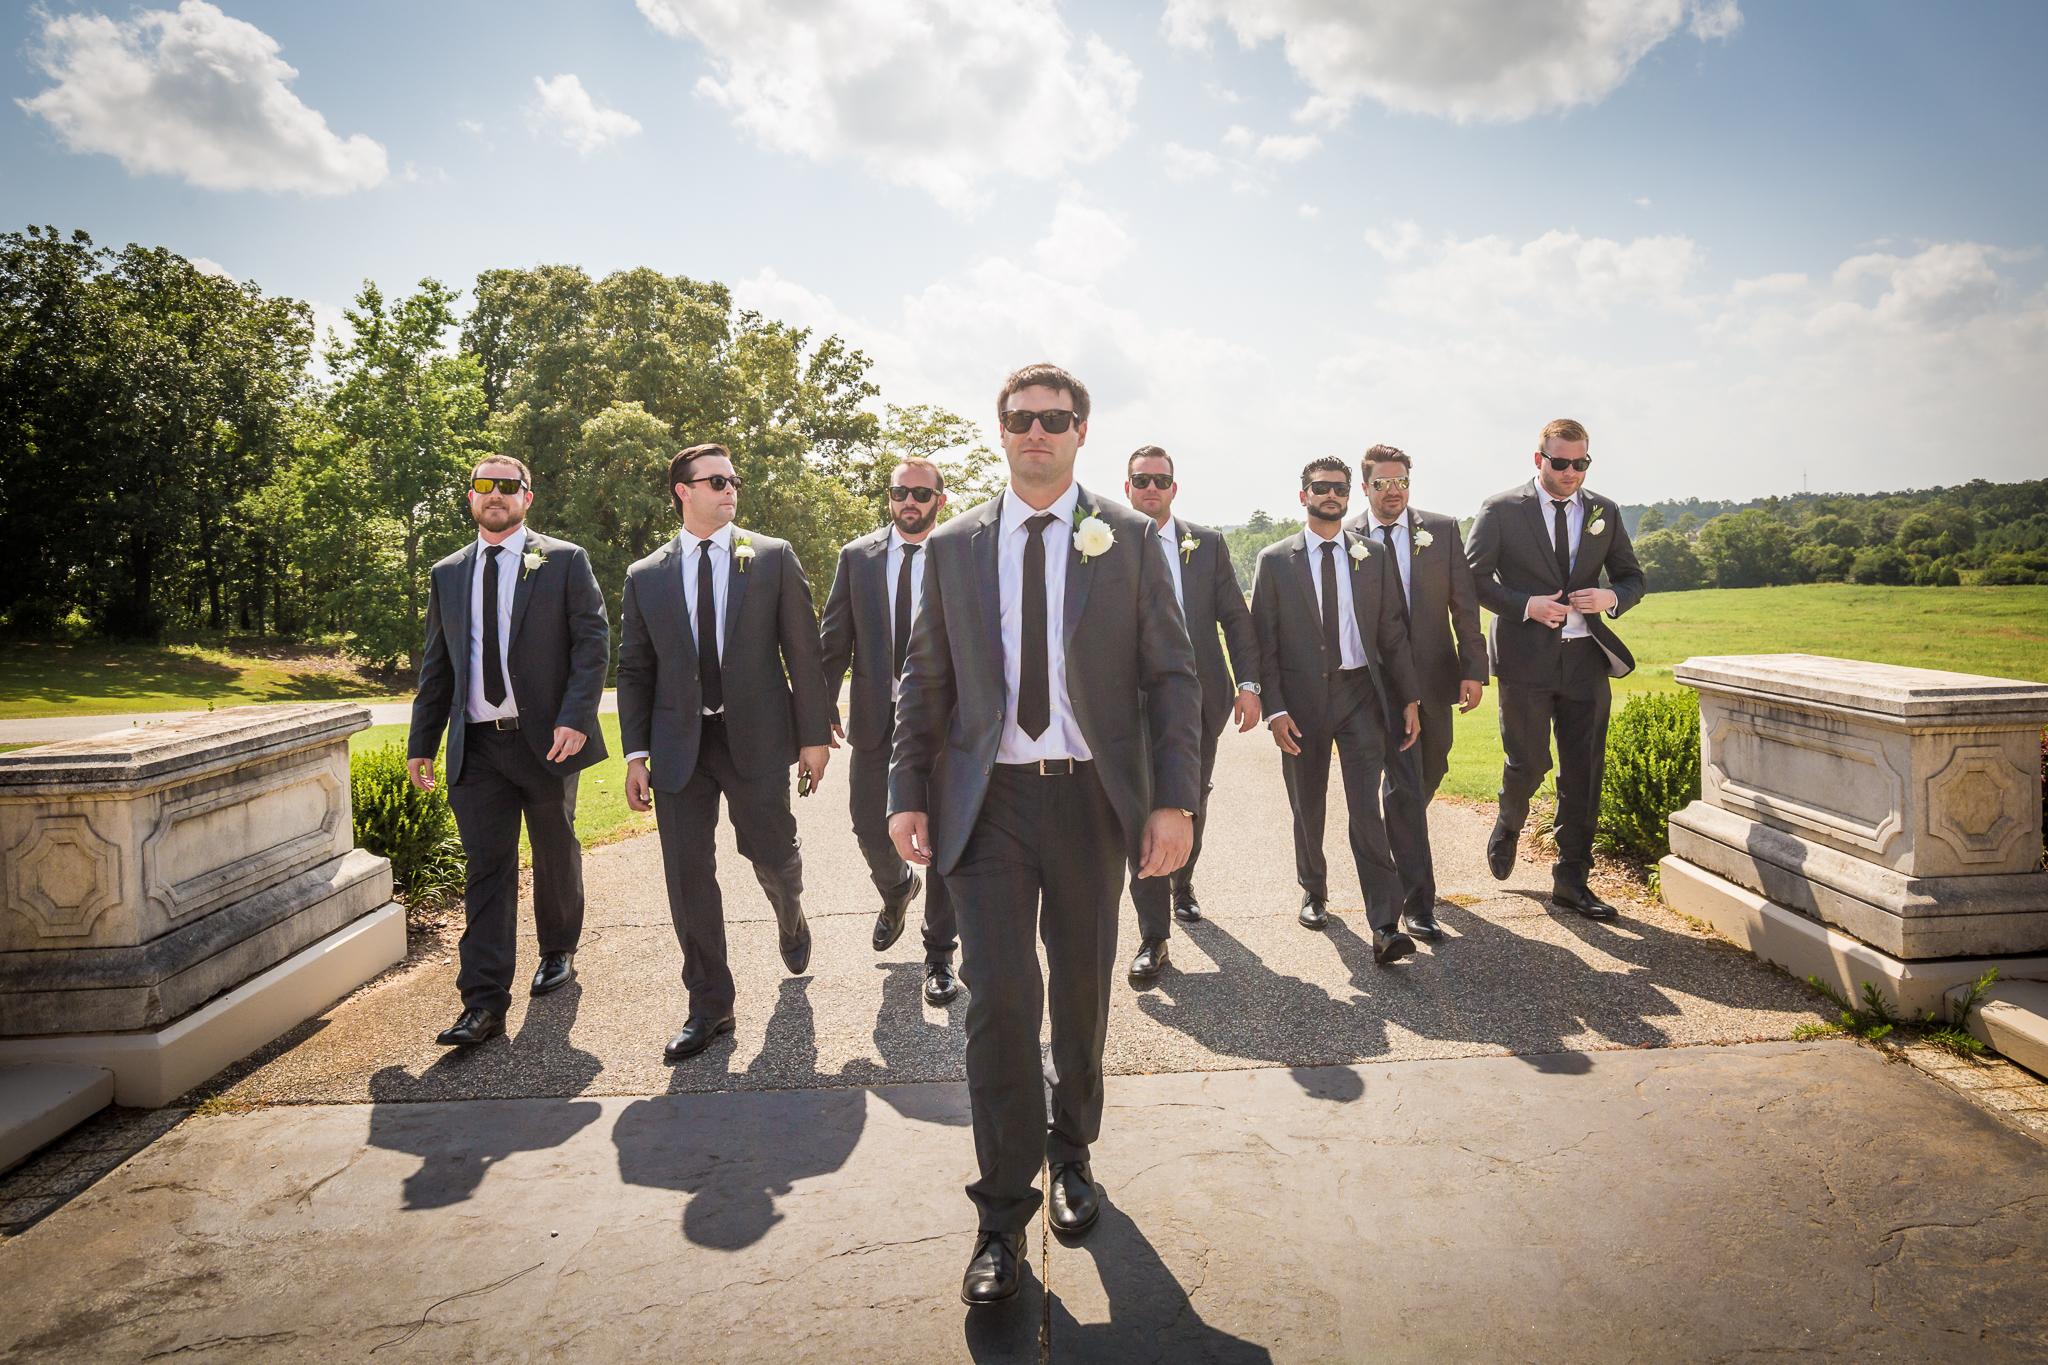 MorganKaty_wedding-iWally-13.jpg